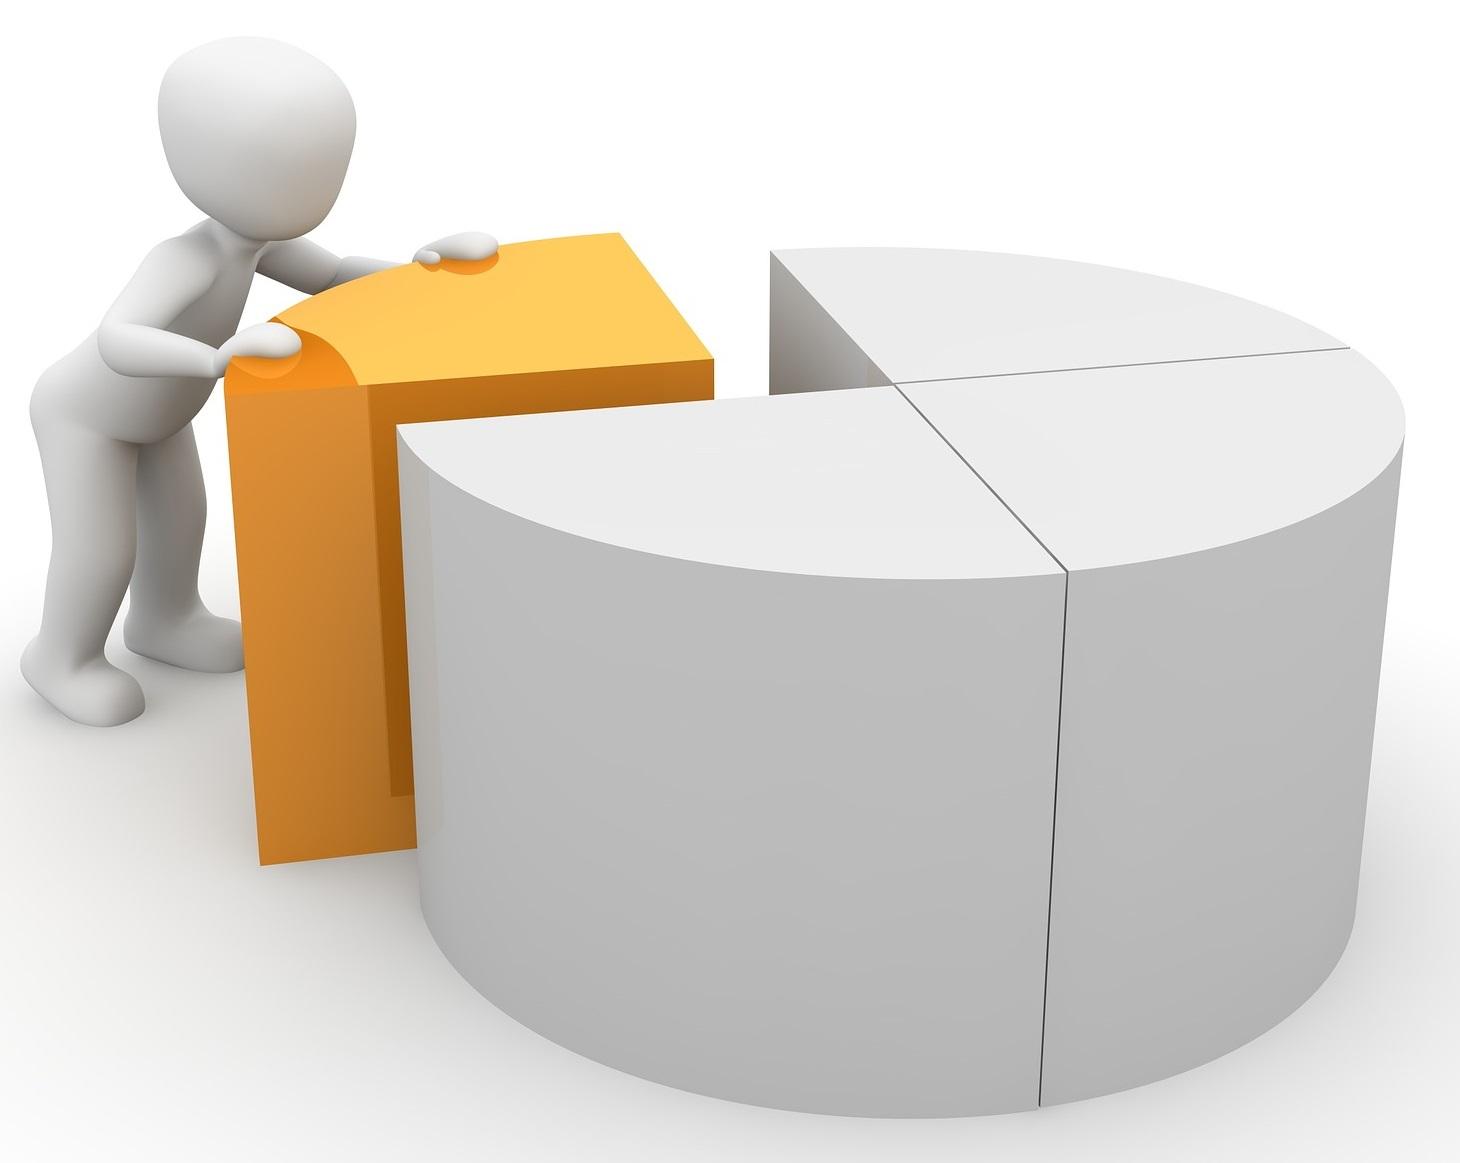 Kaltakquise wahres Interesse Verkauft Verkaufstrainer Ulrike Knauer Positionierung Speaker Trainer Elevator Pitch Akquise perfekt